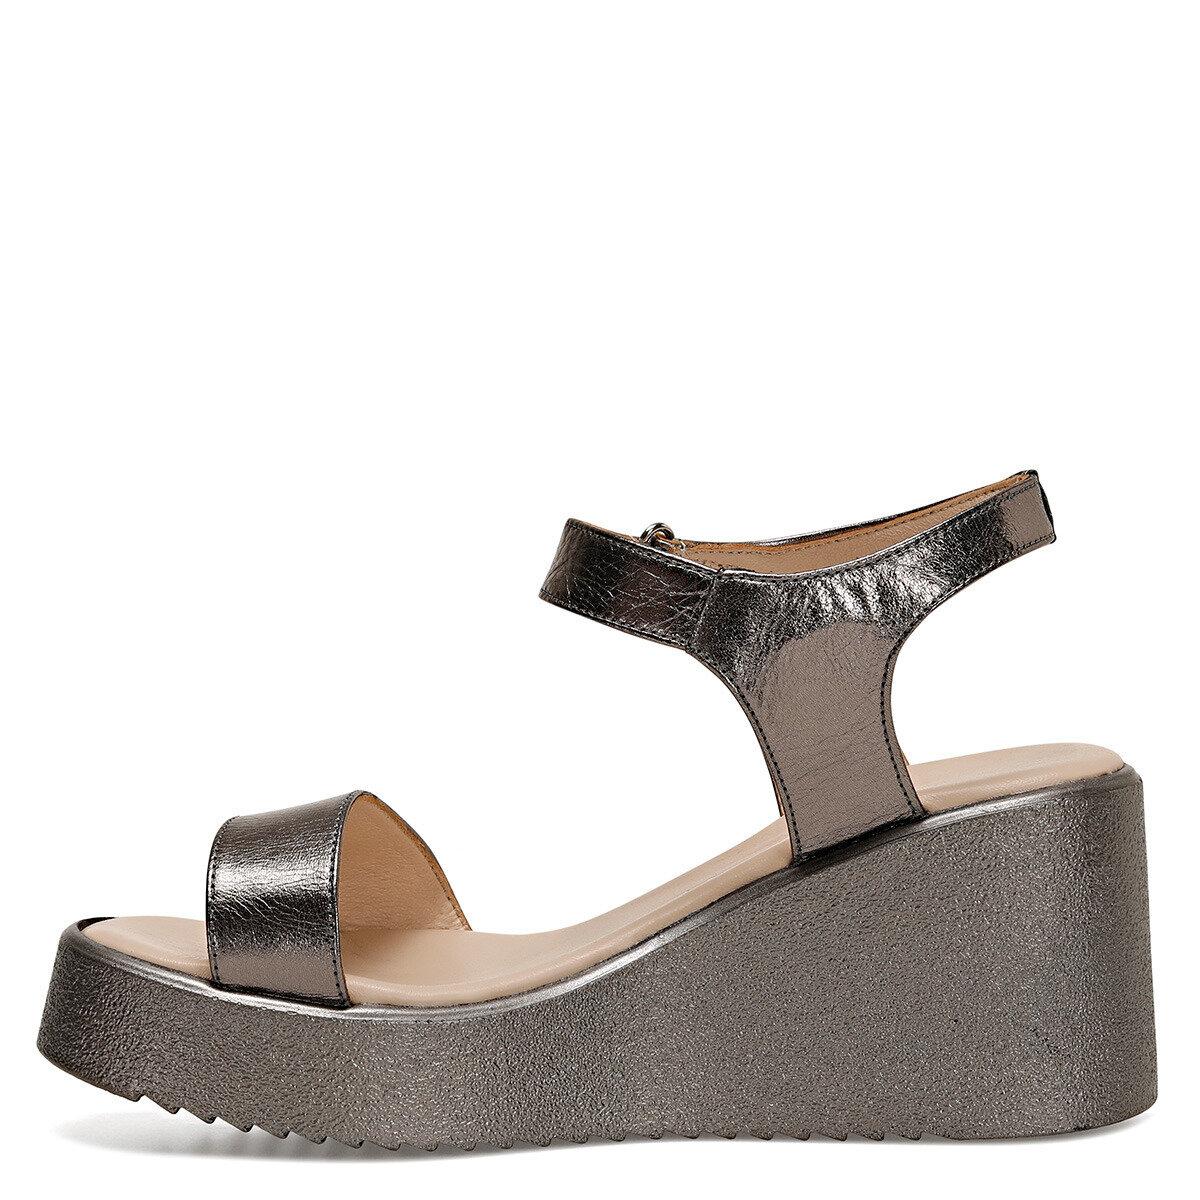 KALAN Gümüş Kadın Dolgu Topuklu Sandalet